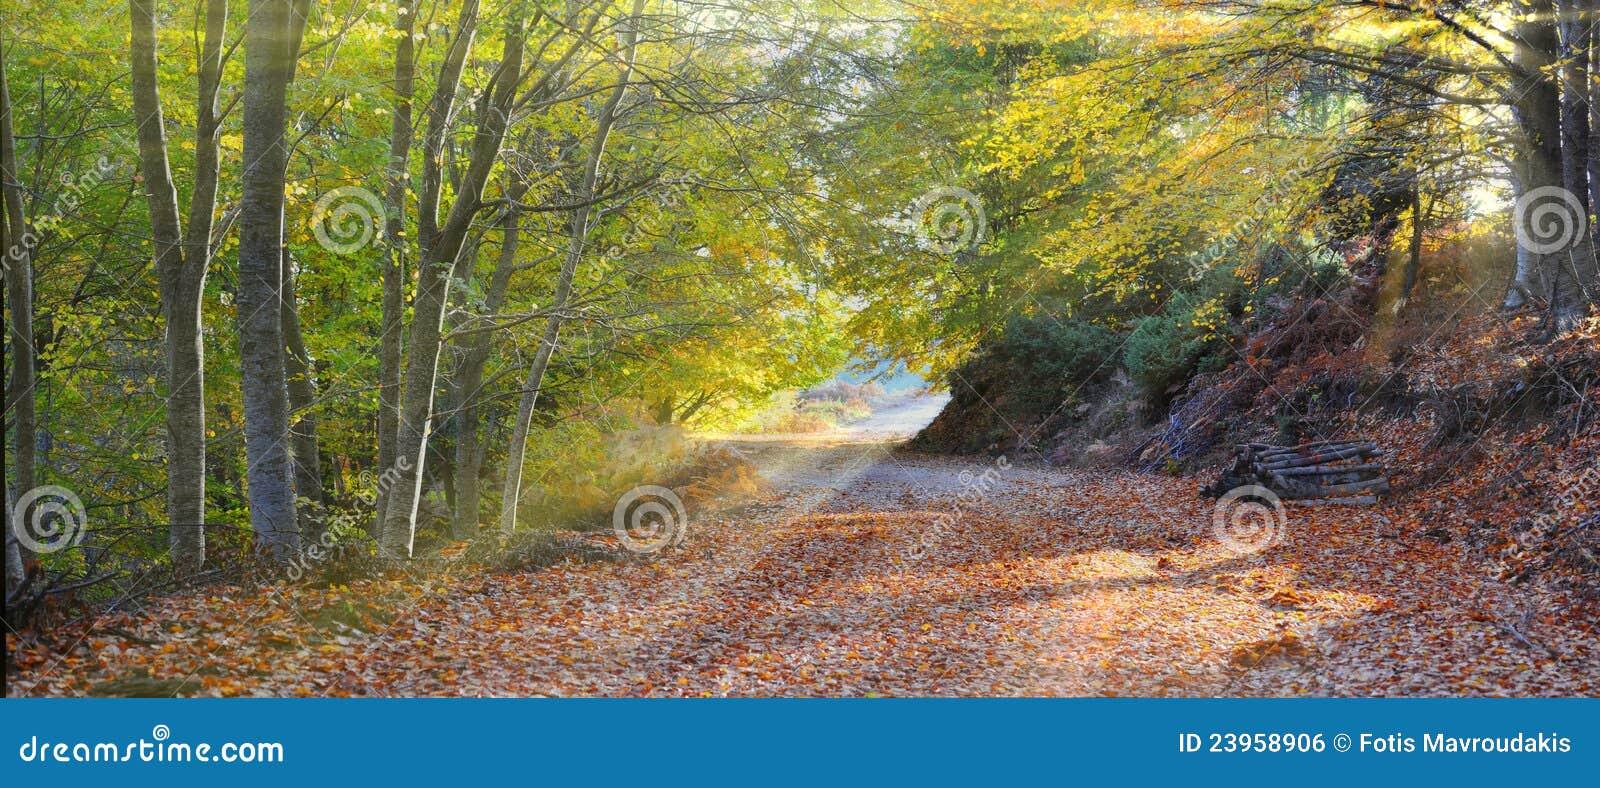 De stralen die van de zon in het bos binnengaan